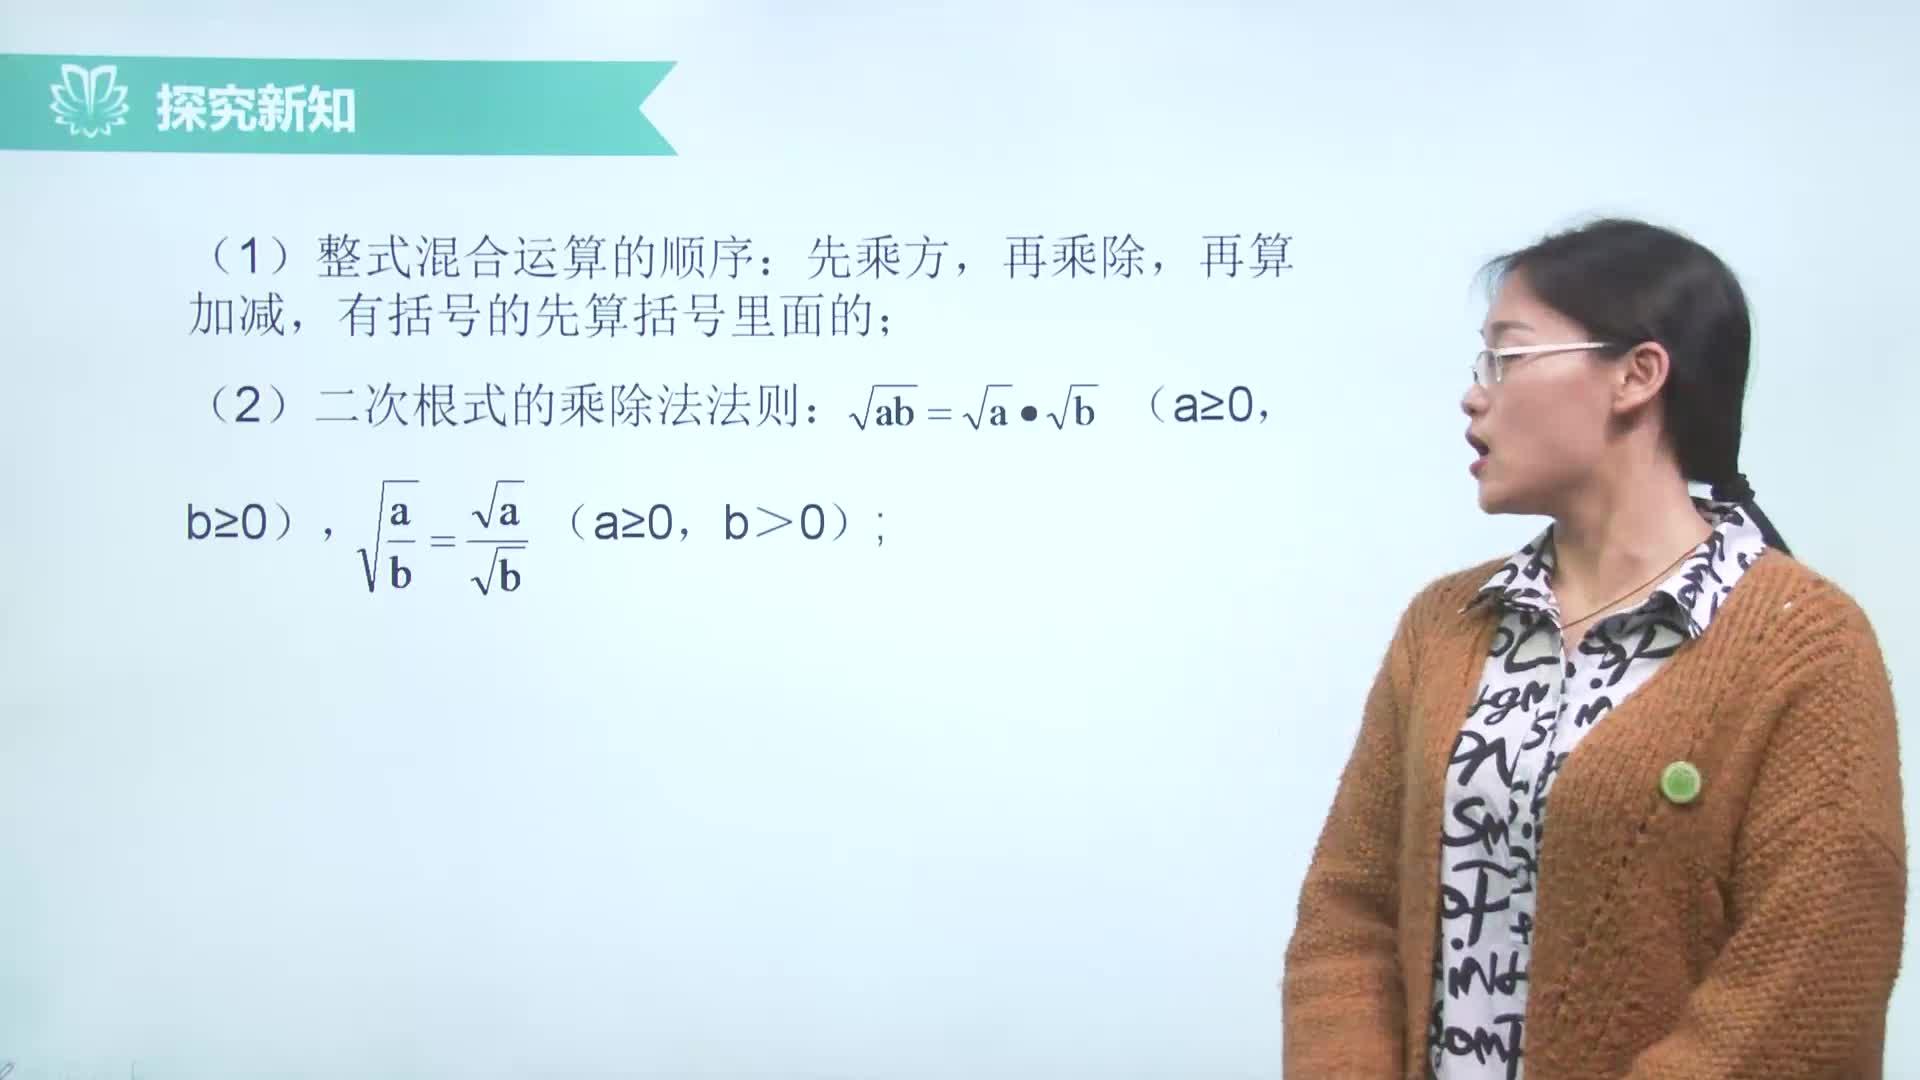 视频16.3二次根式的加减(2)混合运算-【慕联】初中完全同步系列人教版数学八年级下册视频16.3二次根式的加减(2)混合运算-【慕联】初中完全同步系列人教版数学八年级下册 [来自e网通客户端]